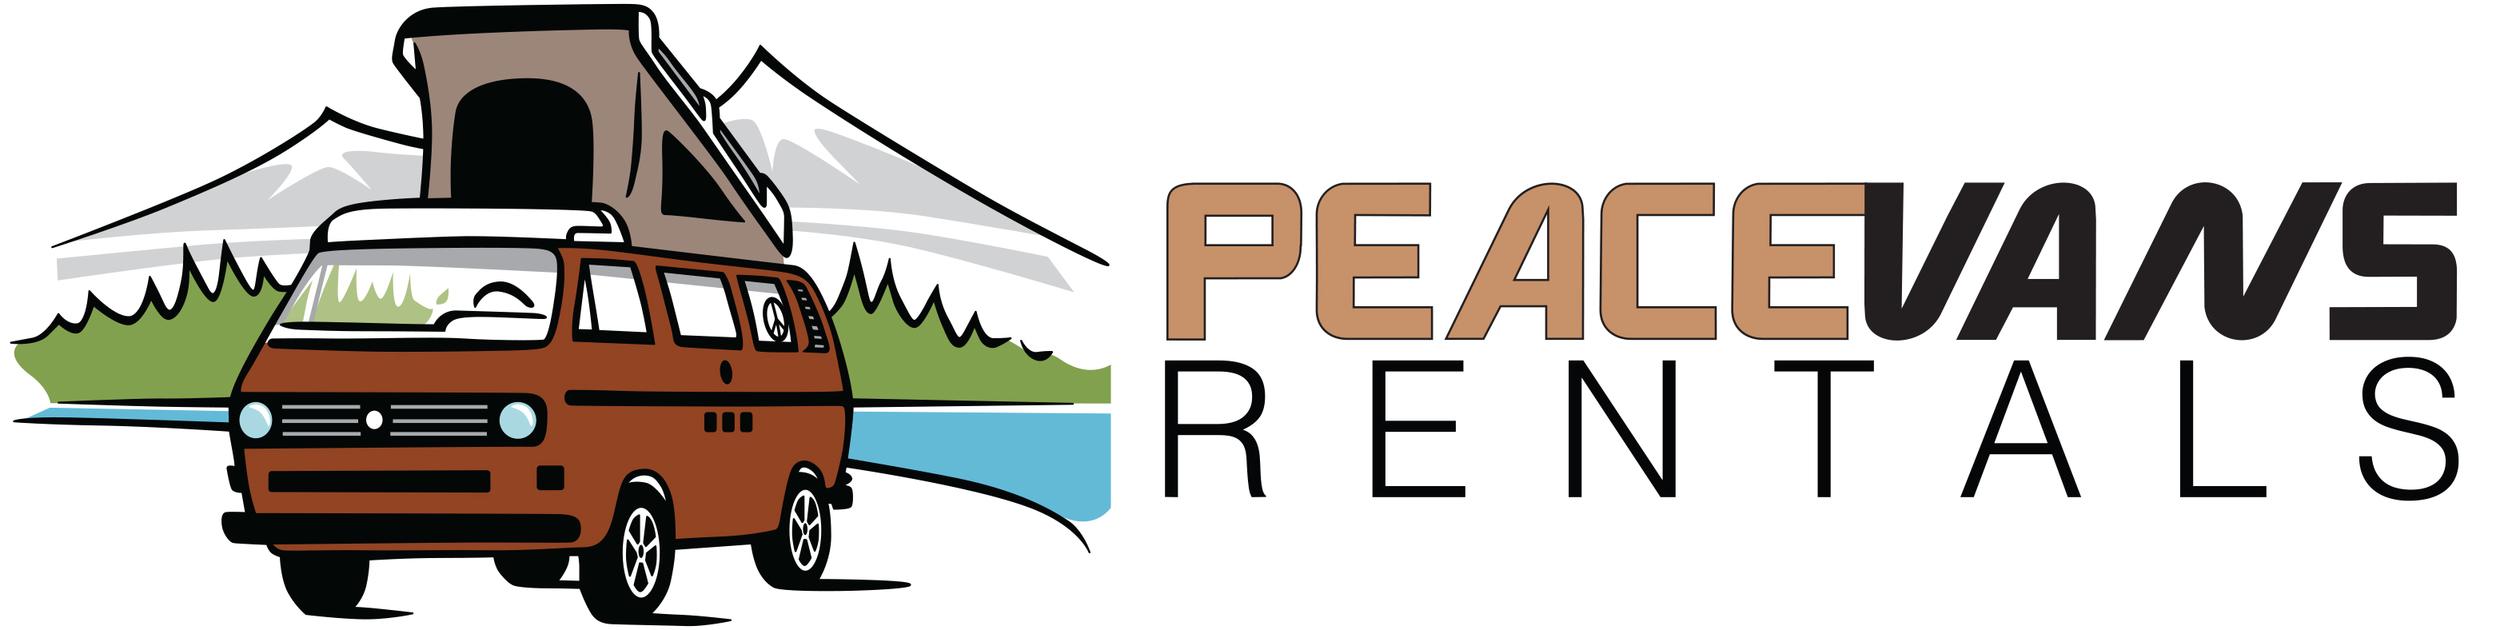 peace-vans-rentals-rectangle-no-border.jpg